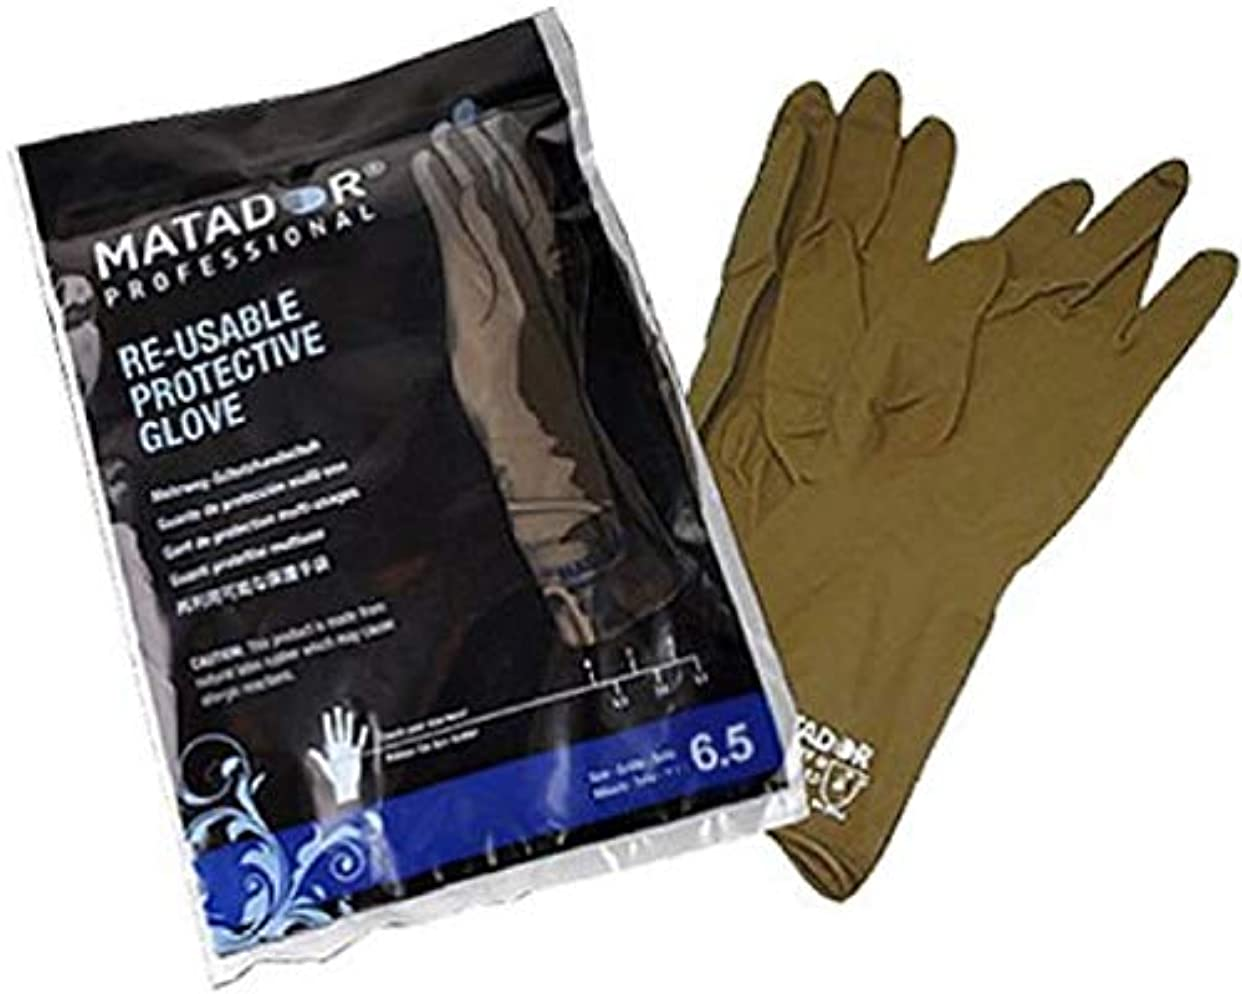 認める類人猿論争の的マタドールゴム手袋 8.0吋 【24個セット】